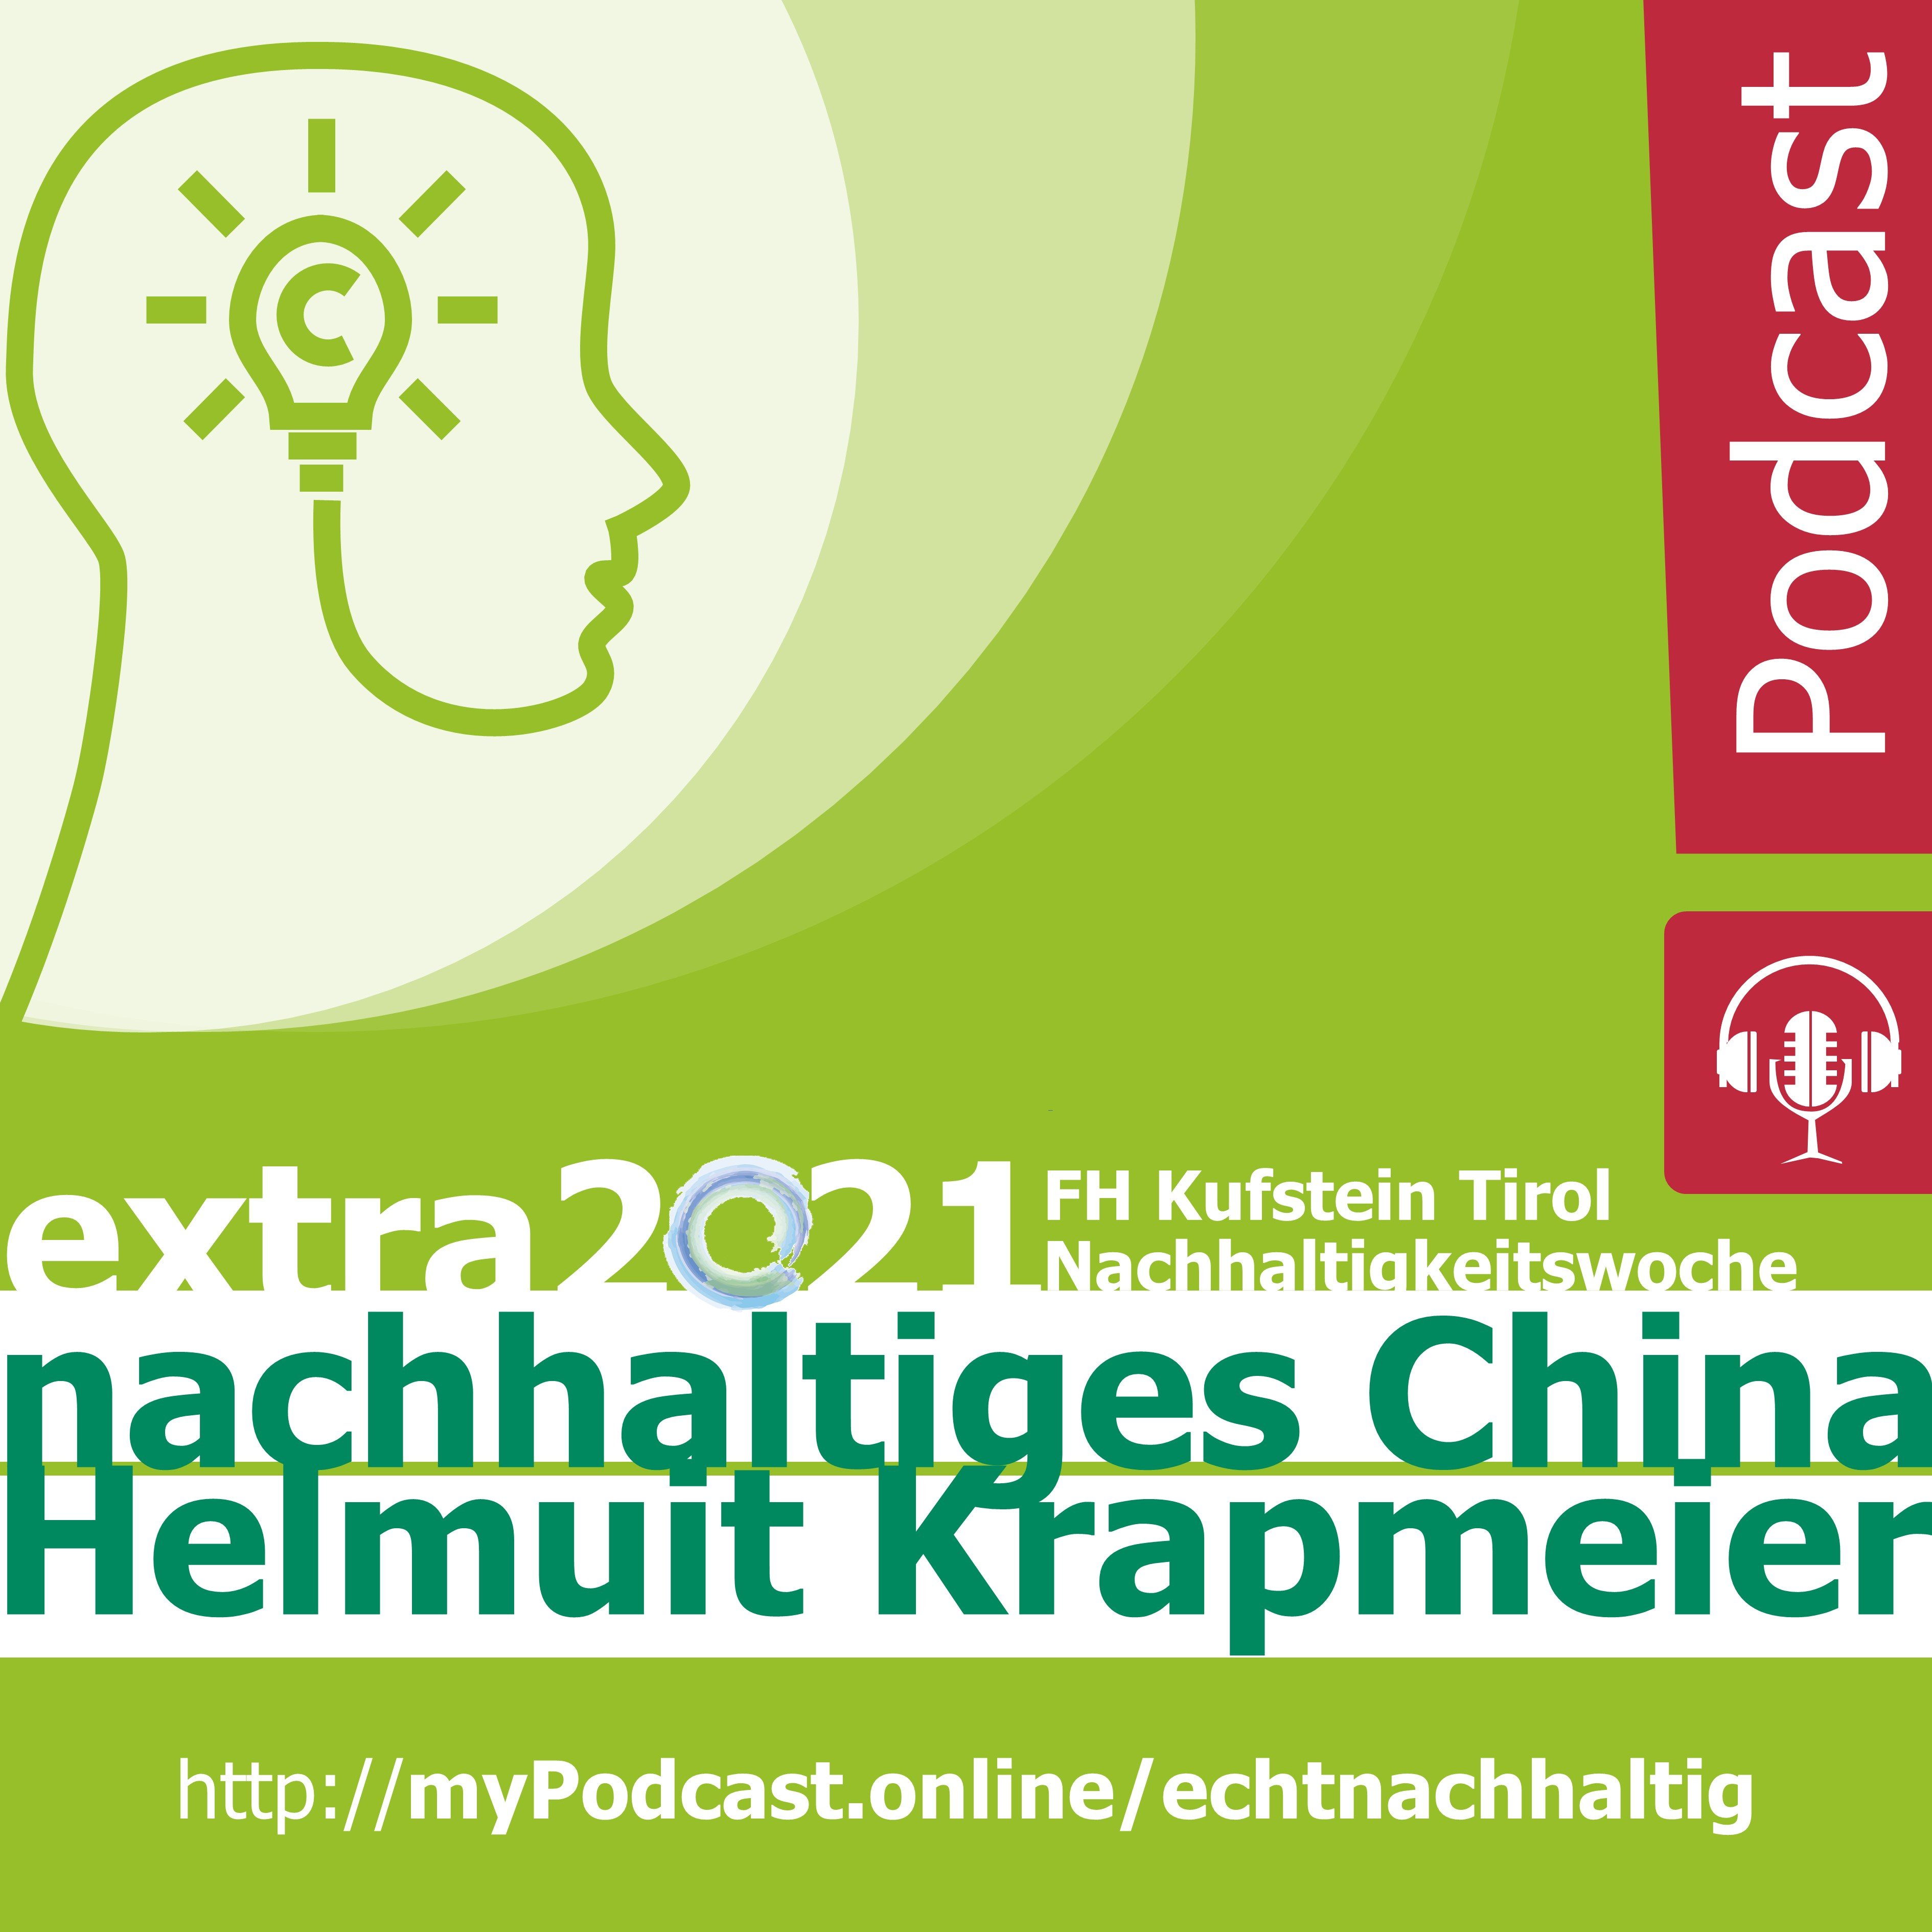 Episode 6 - EXTRA@Nachhaltigkeitswoche2021: China als Vorreiter der Nachhaltigkeit im Baubereich? Karla Strobl im Gespräch mit Harald Gmeiner